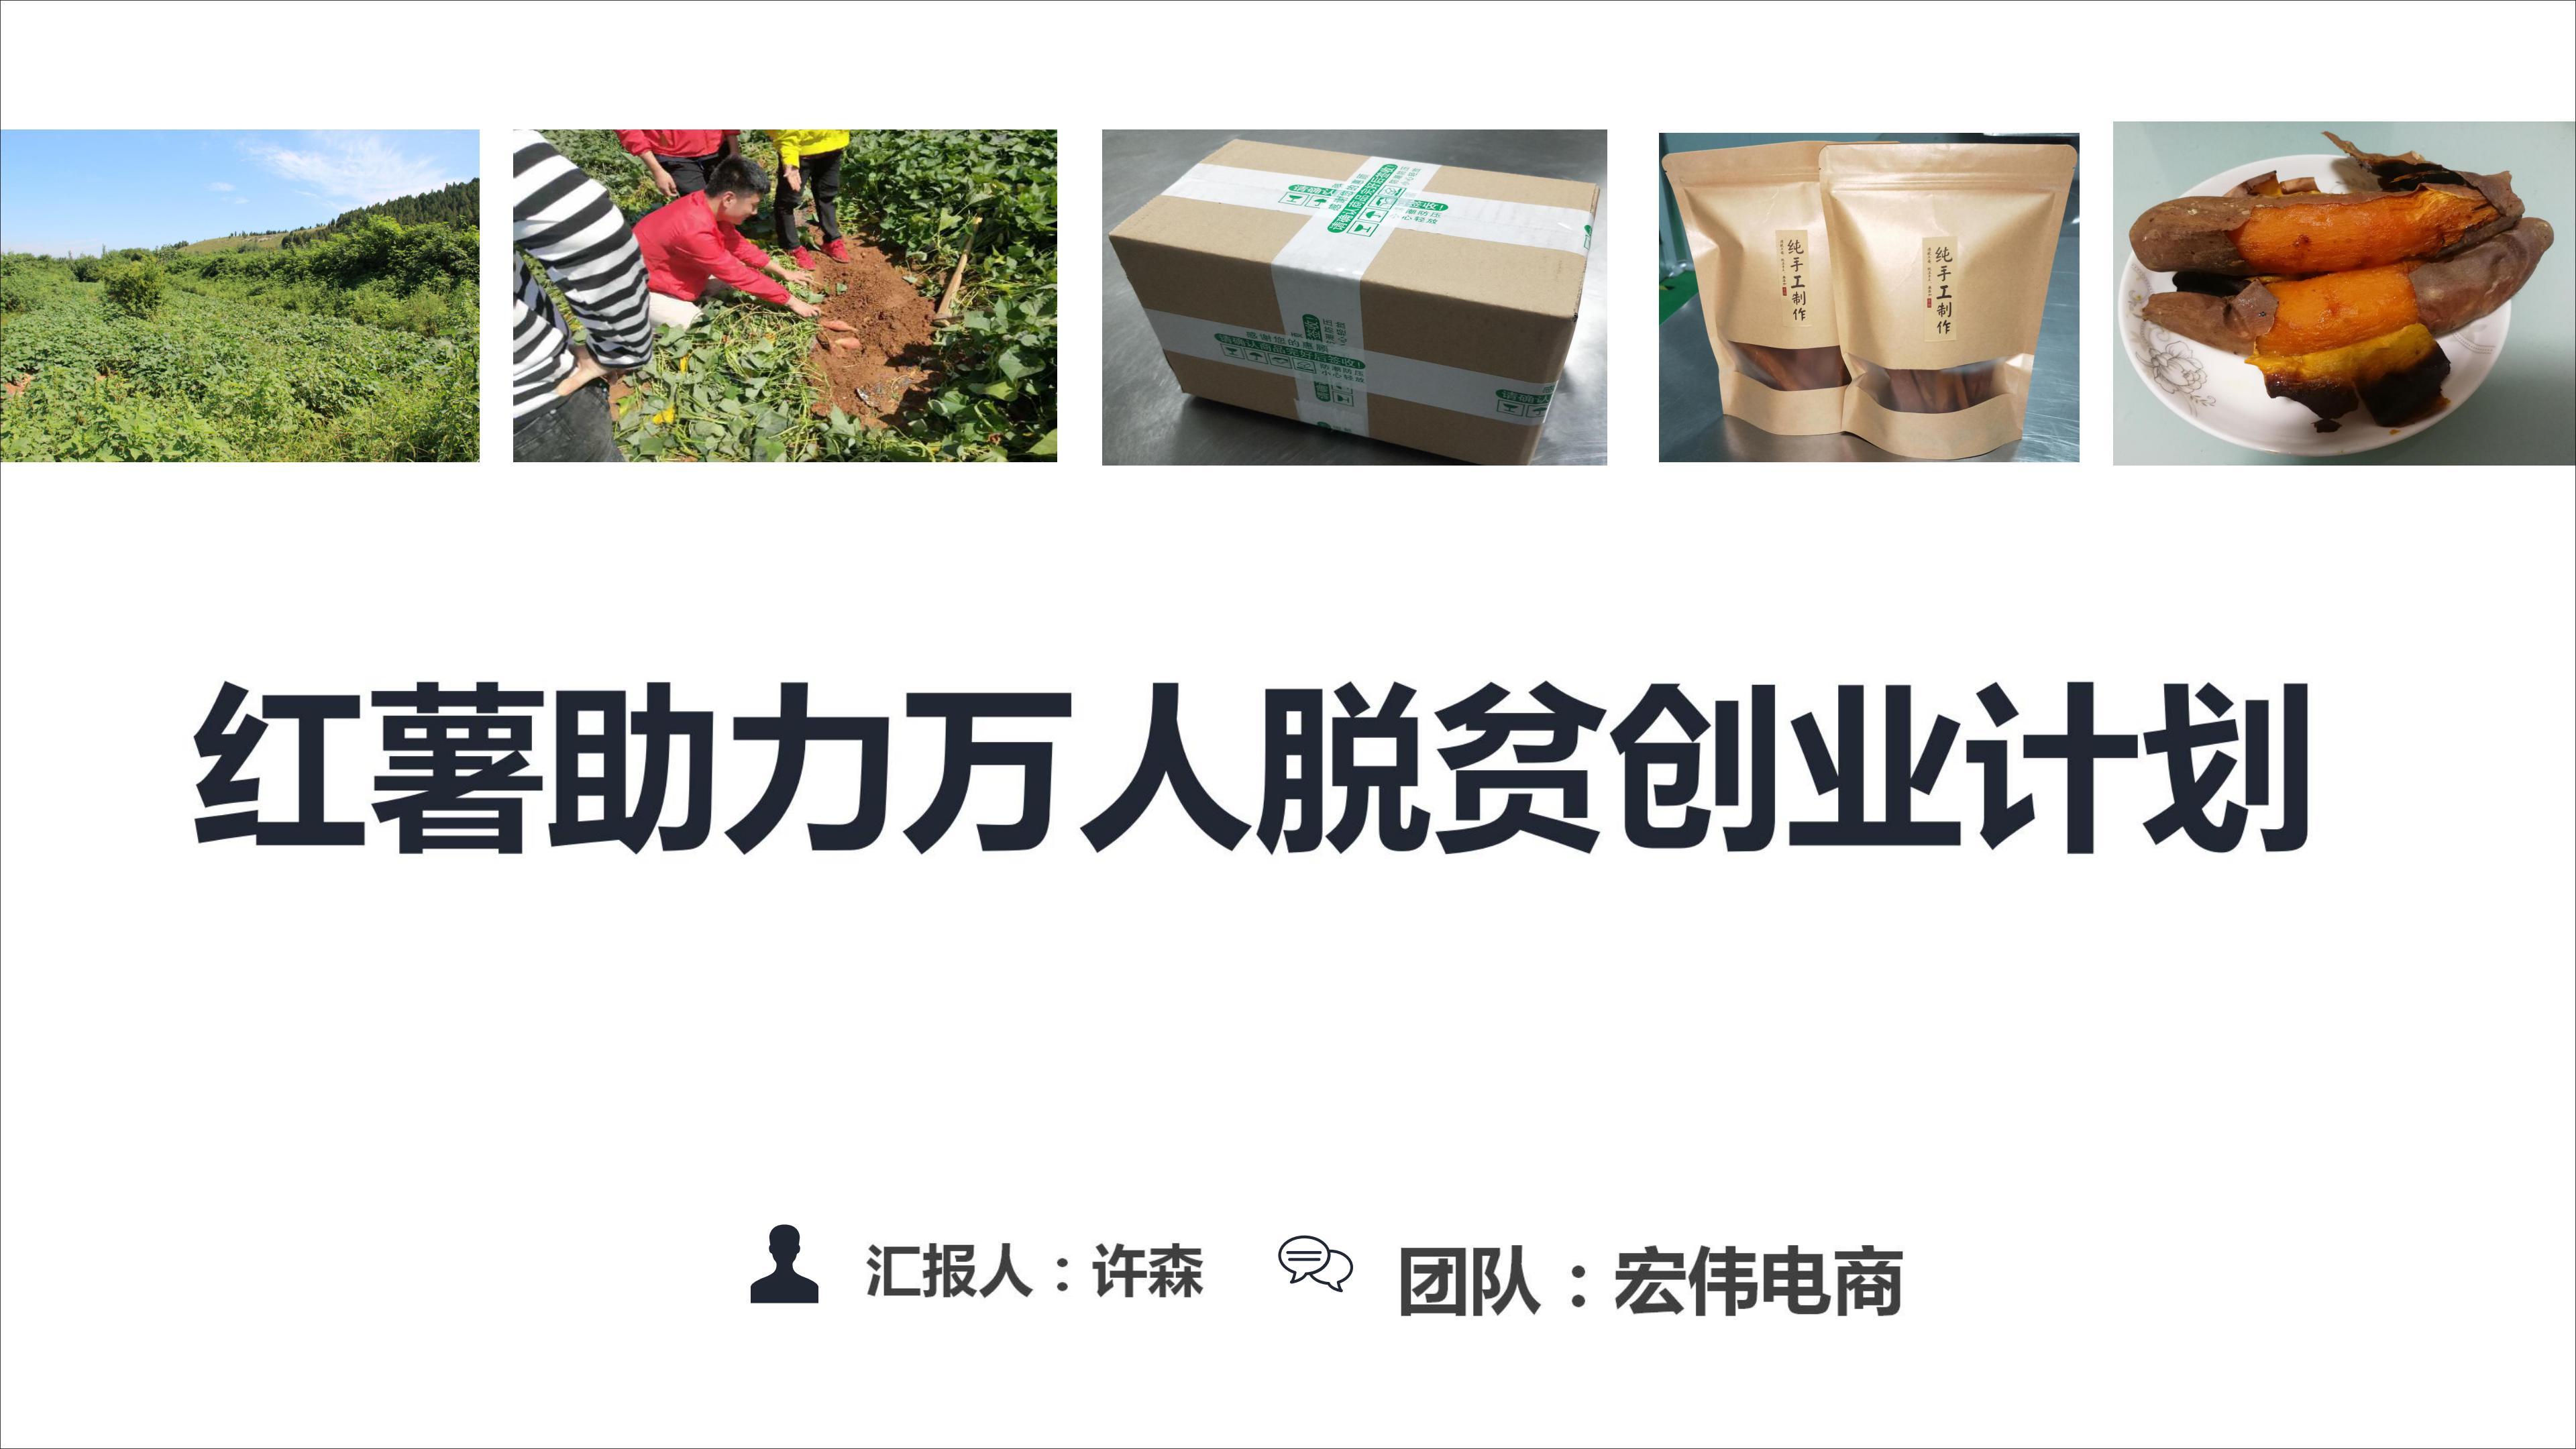 红薯助力万人脱贫创业计划定稿(1)_00.jpg